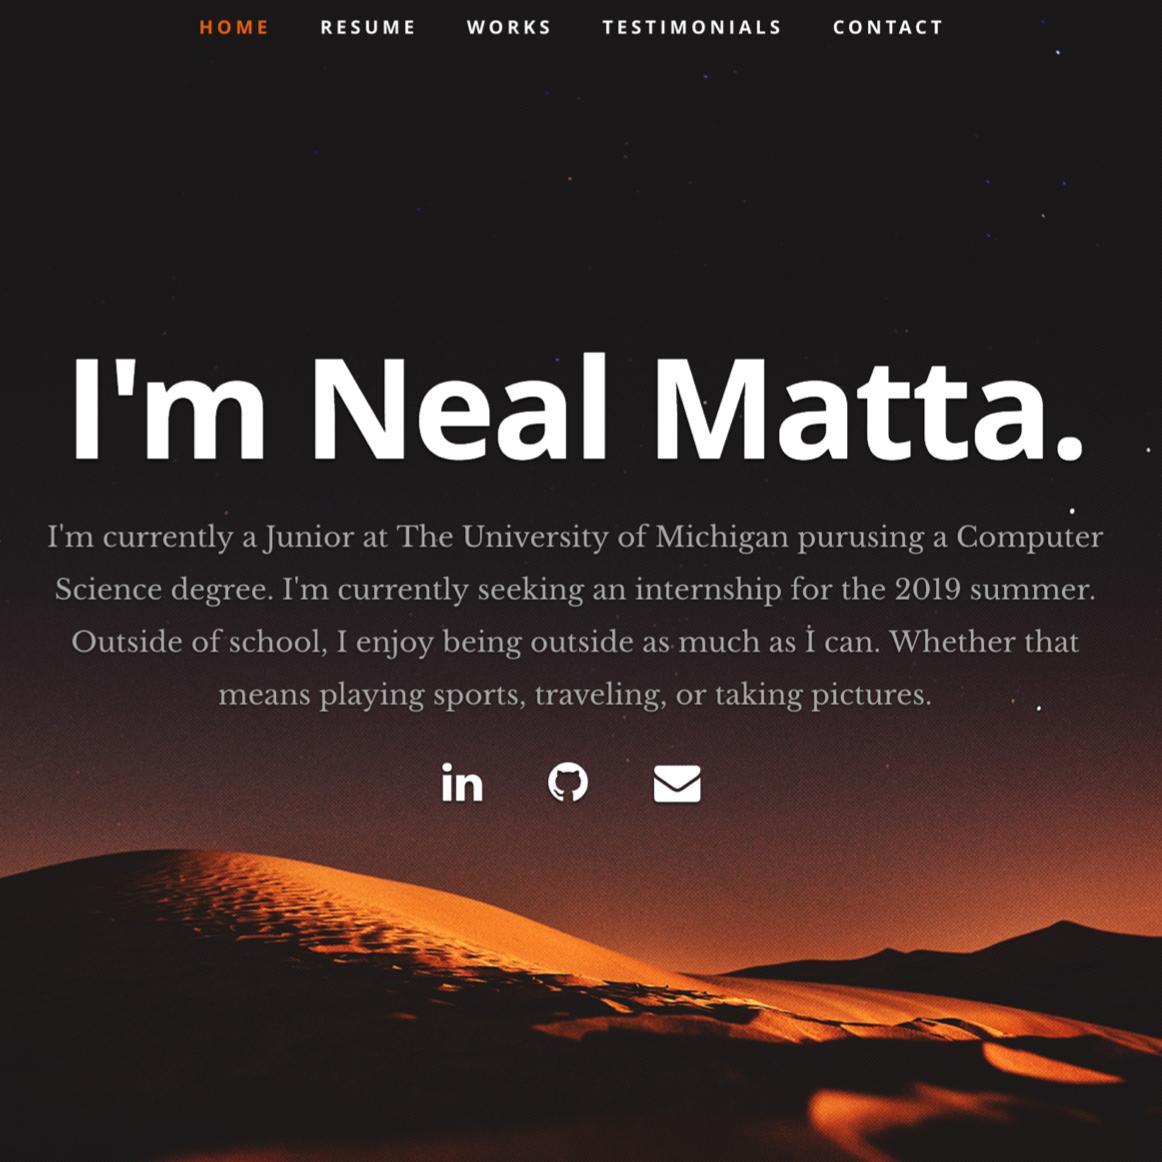 Neal Matta